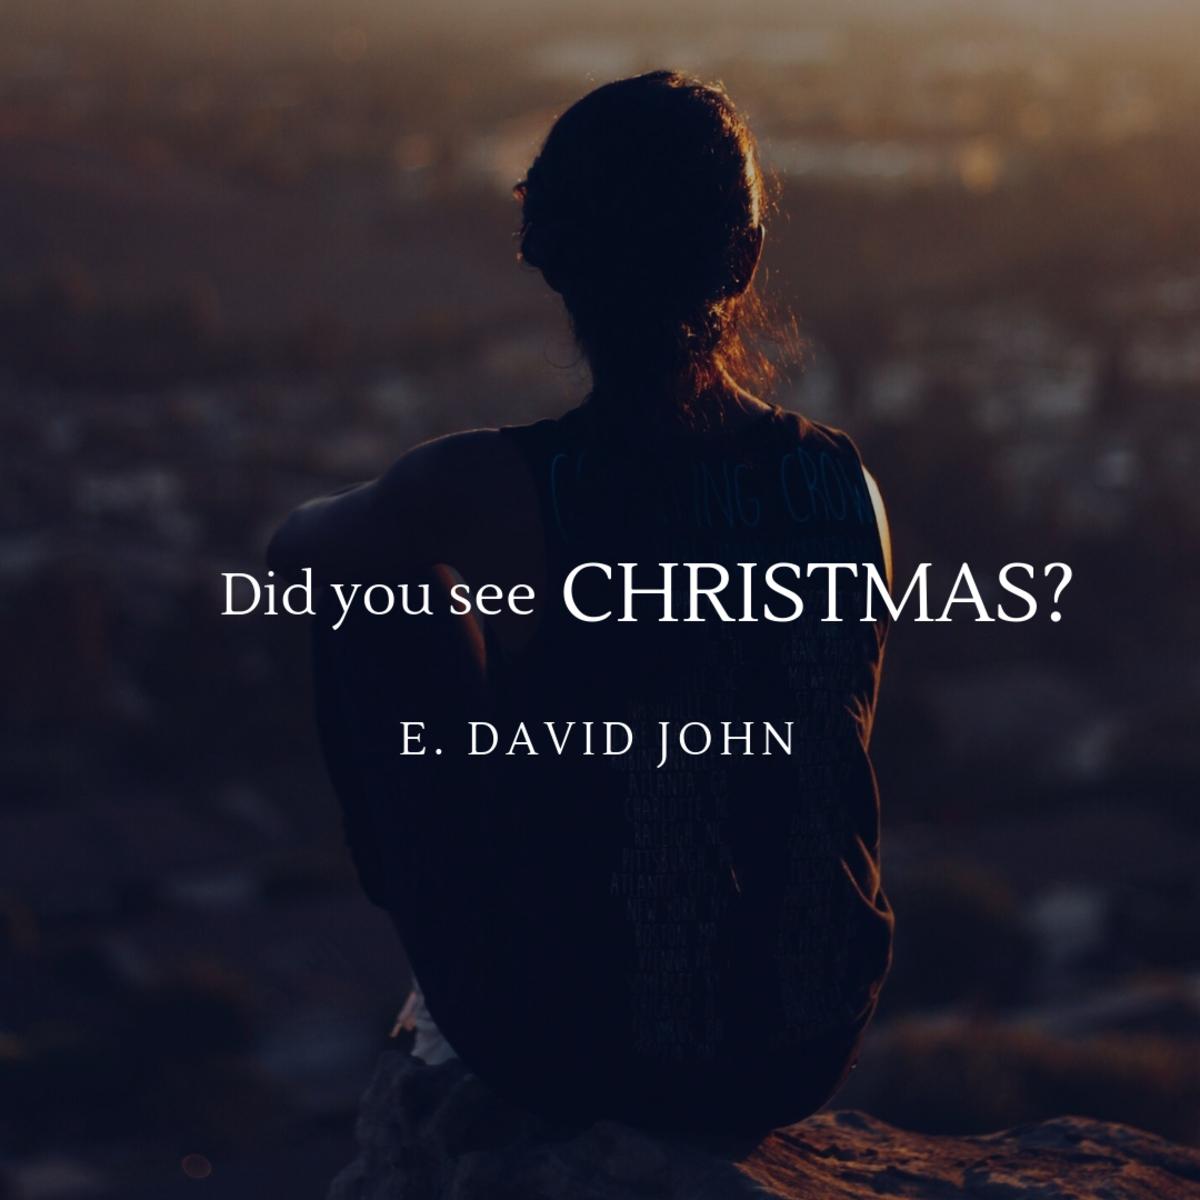 Did You See Christmas?